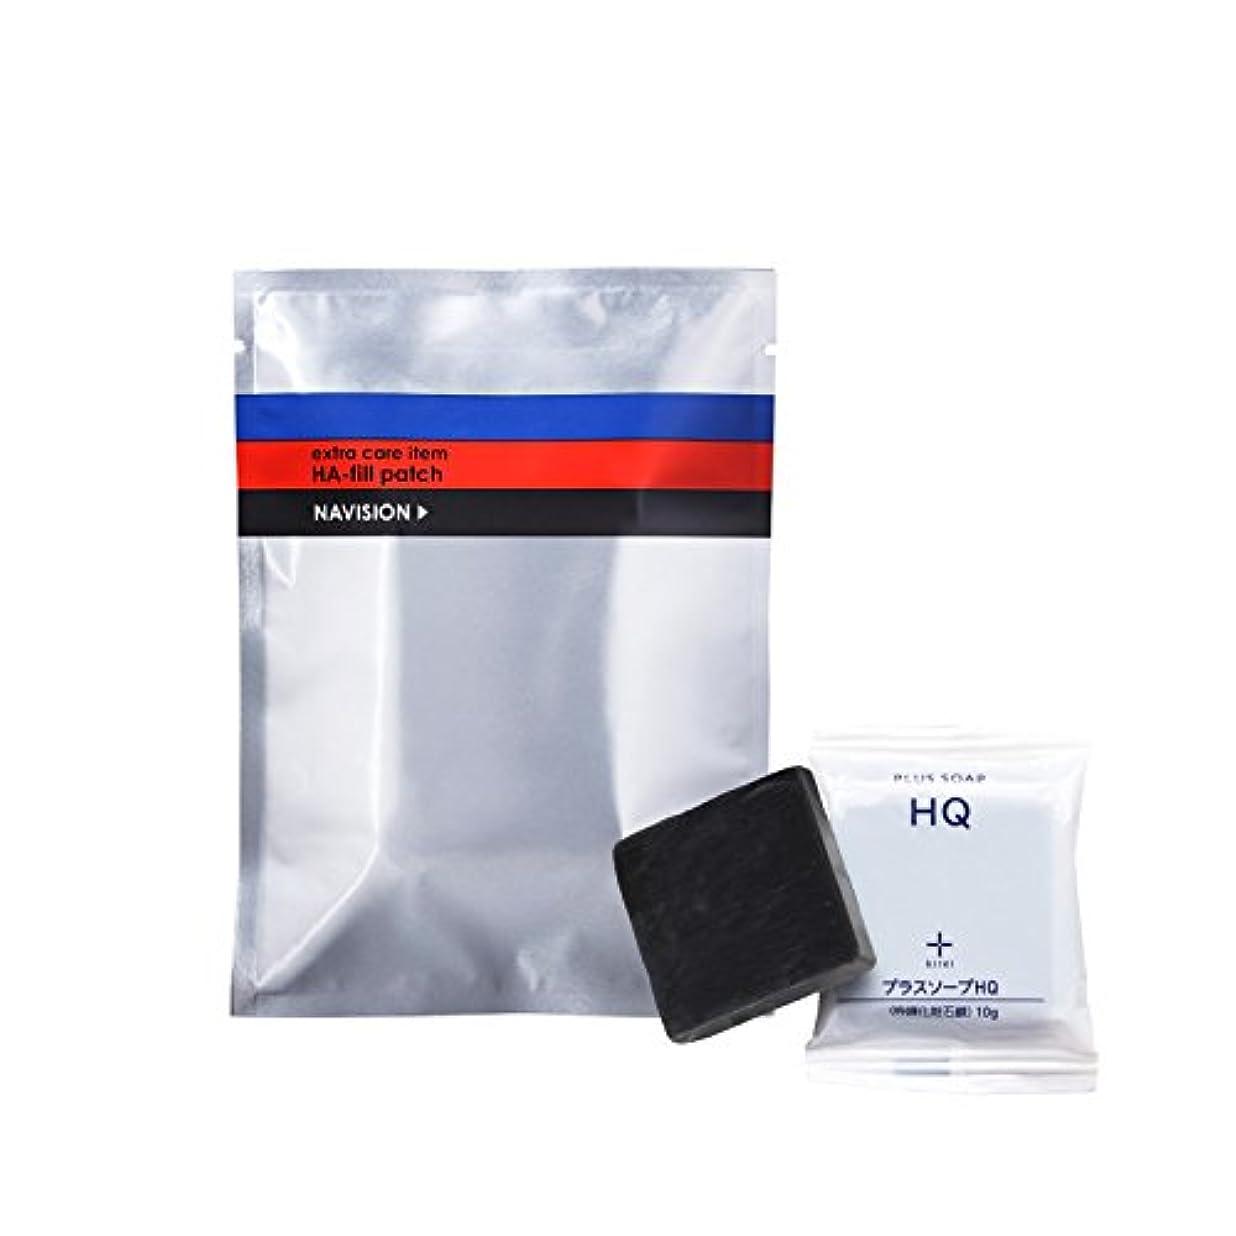 マイル小包普通にナビジョン NAVISION HAフィルパッチ(2枚×3包入) + プラスキレイ プラスソープHQミニ